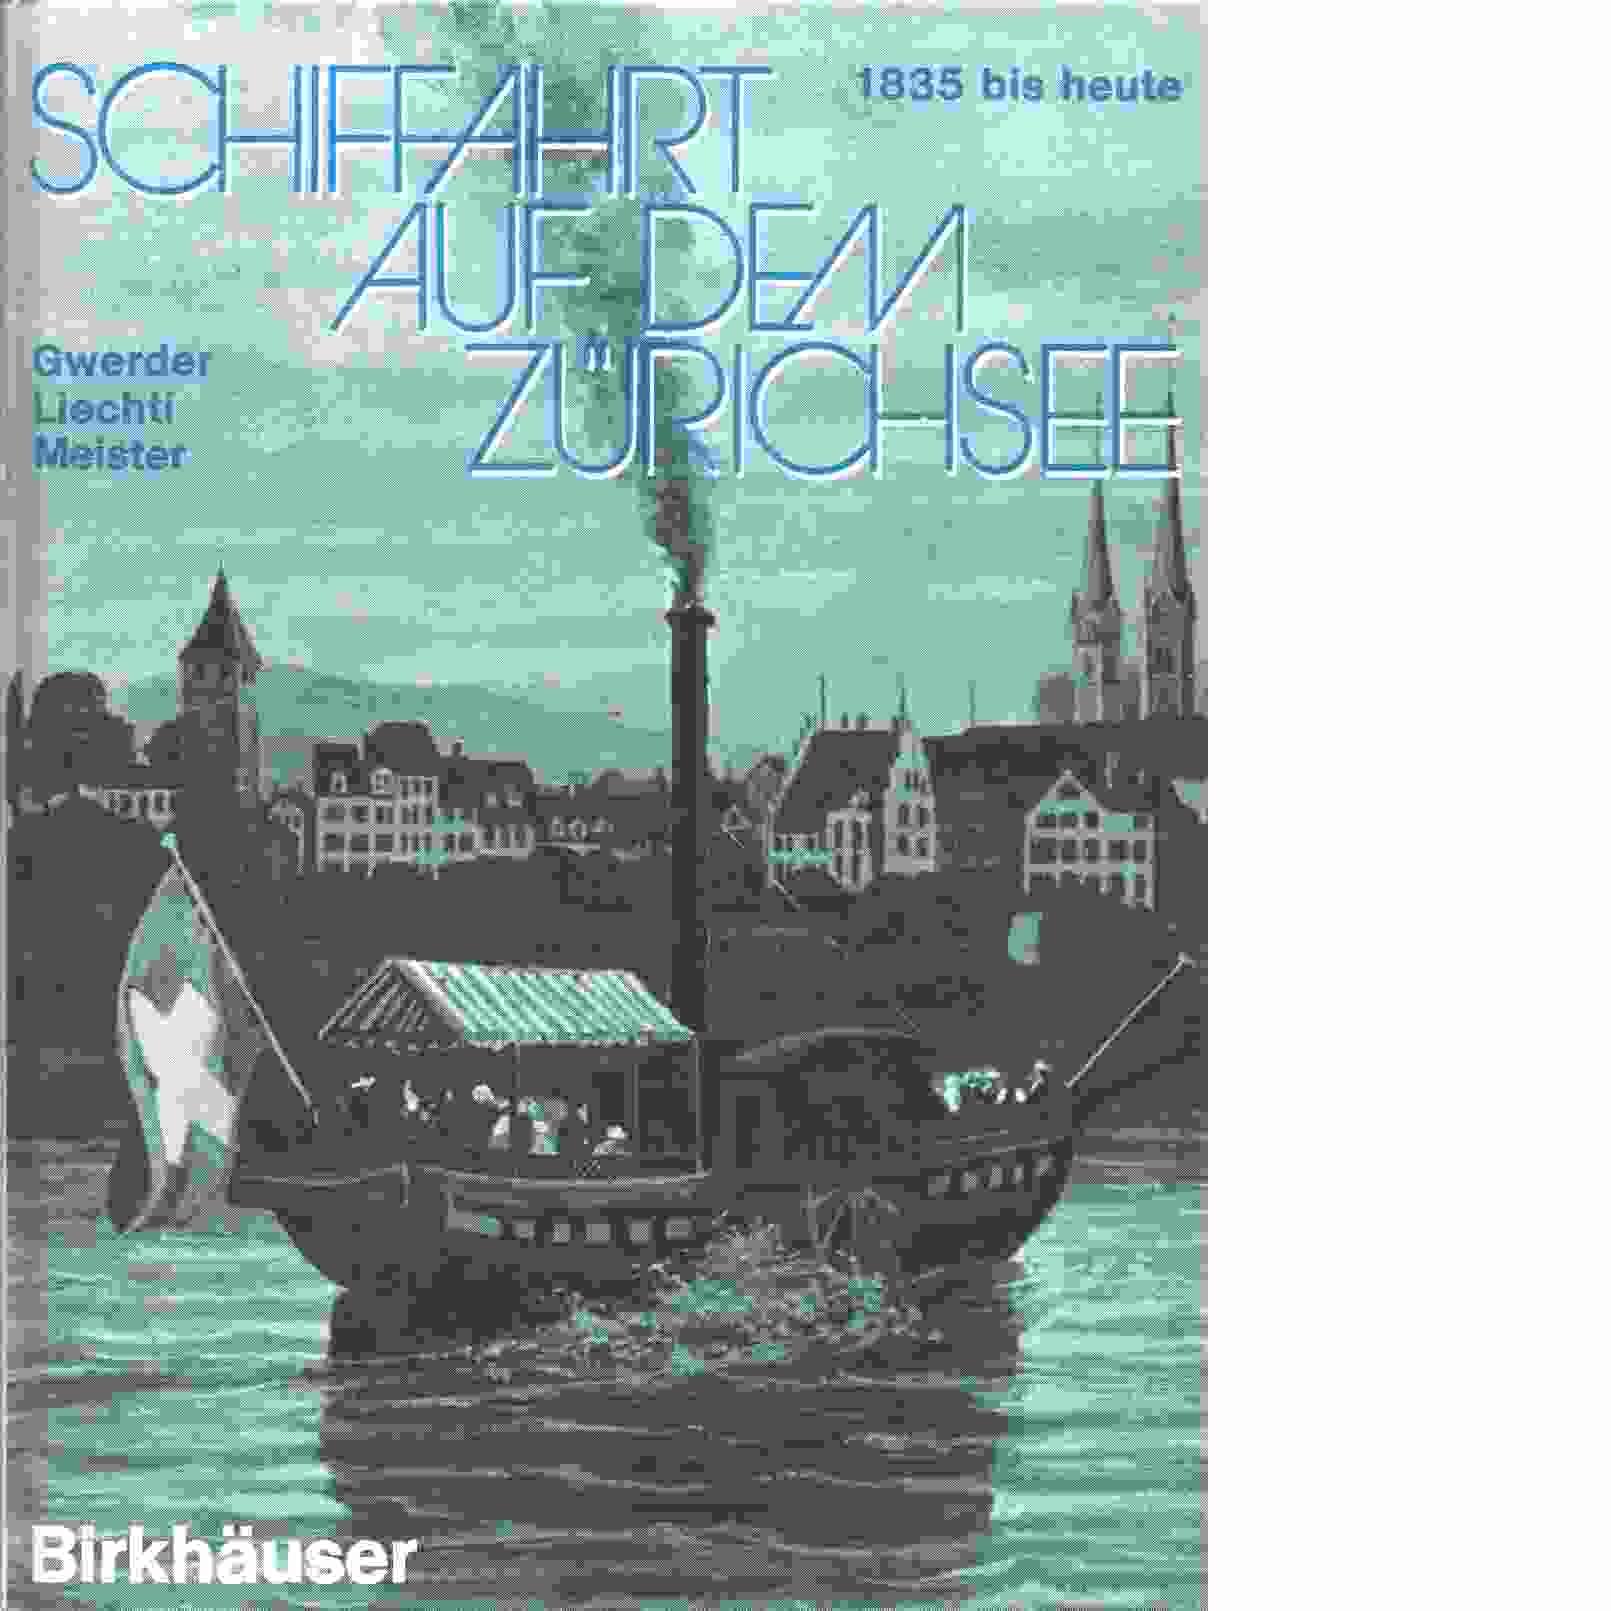 Schiffahrt Auf Dem Zurichsee - Gwerder.Alton Ed. Liechti,  Meister